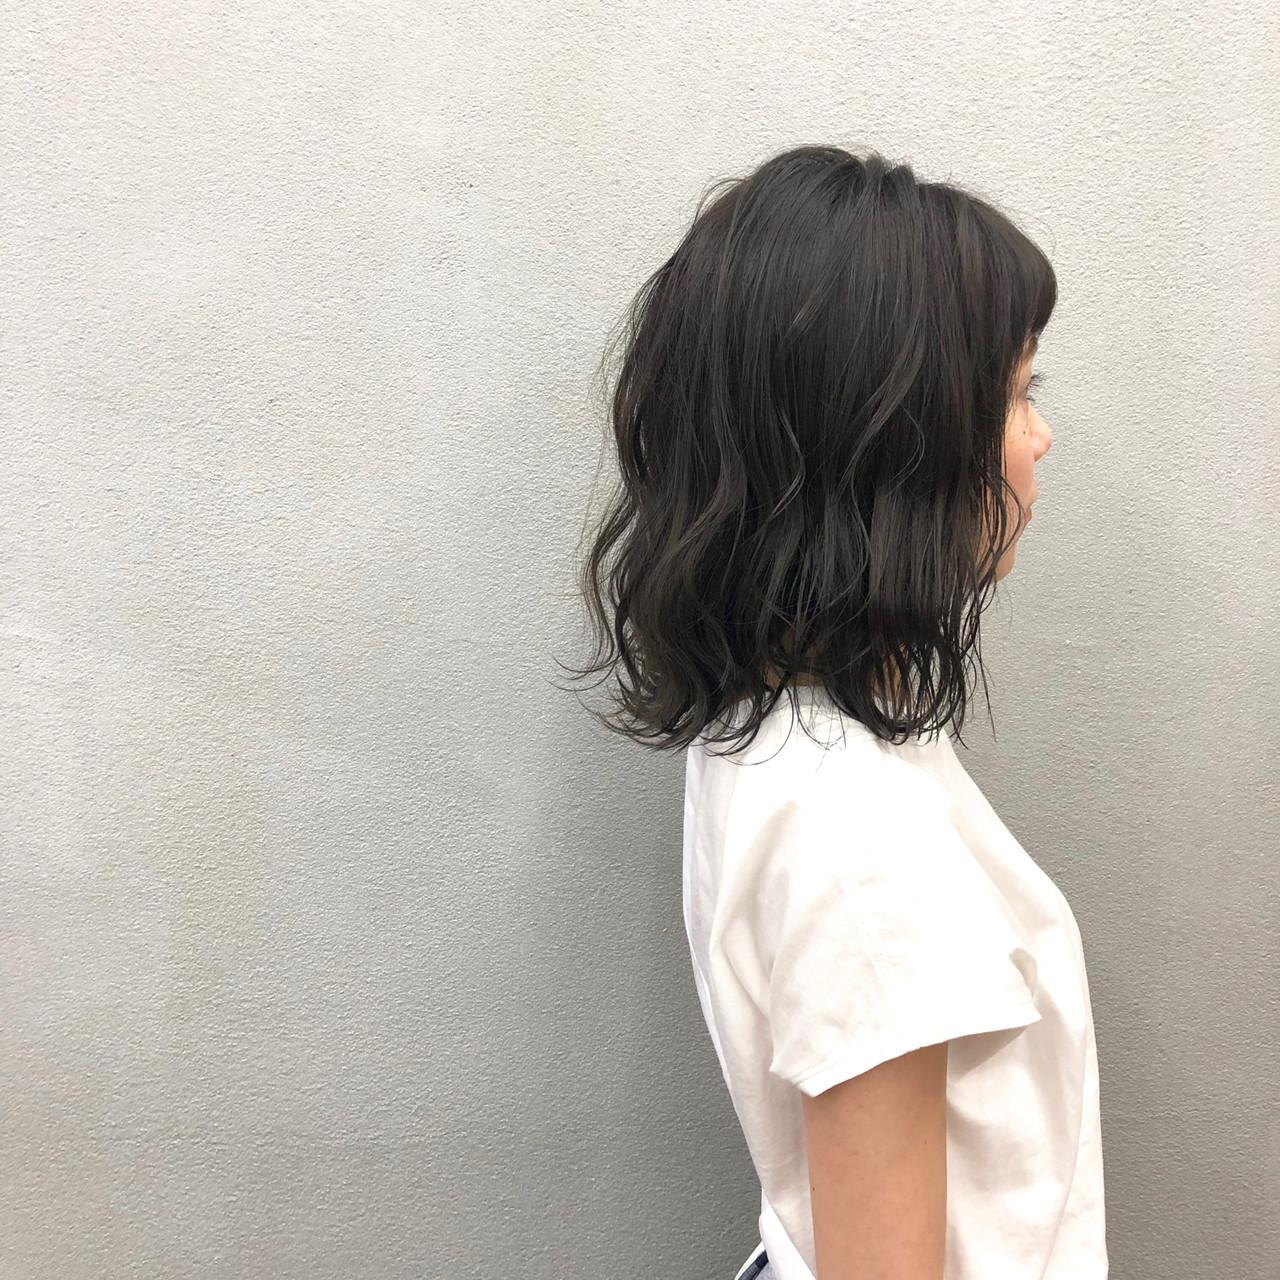 イルミナカラー ブルー 簡単スタイリング ヘアカラー ヘアスタイルや髪型の写真・画像